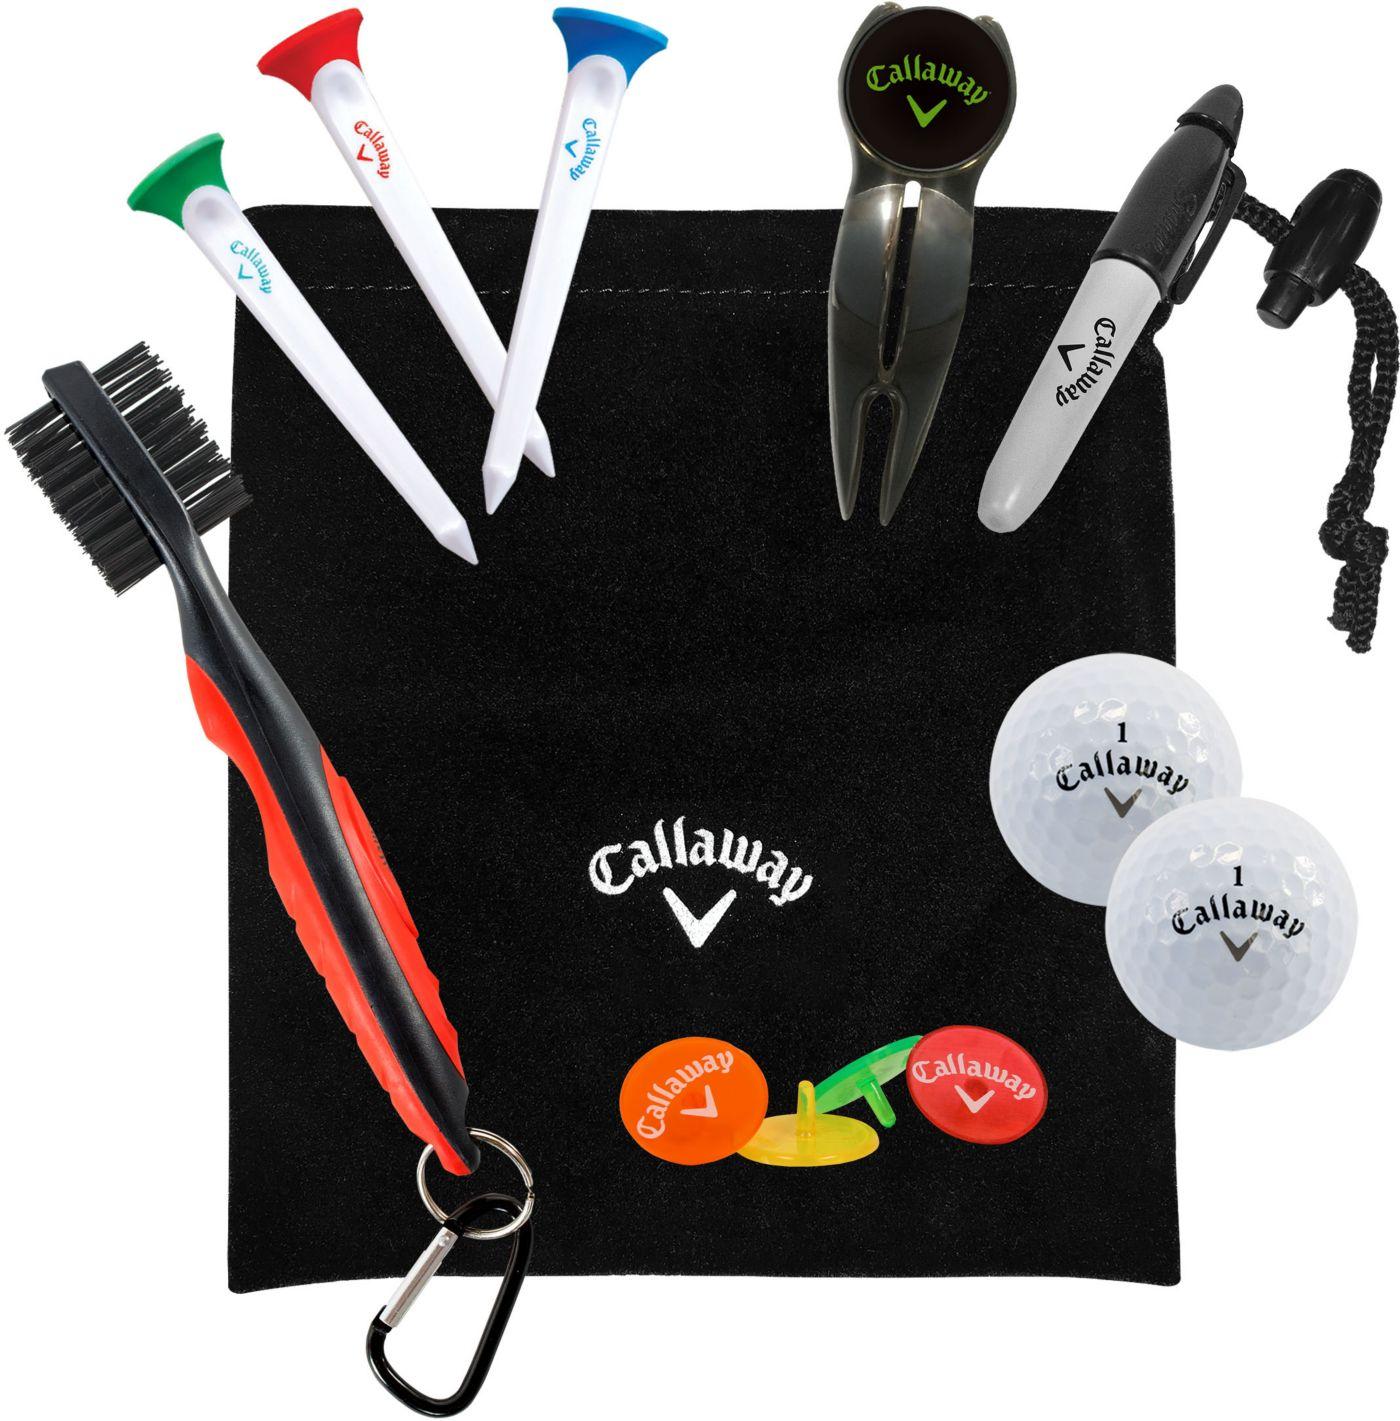 Callaway Golf Accessory Starter Set